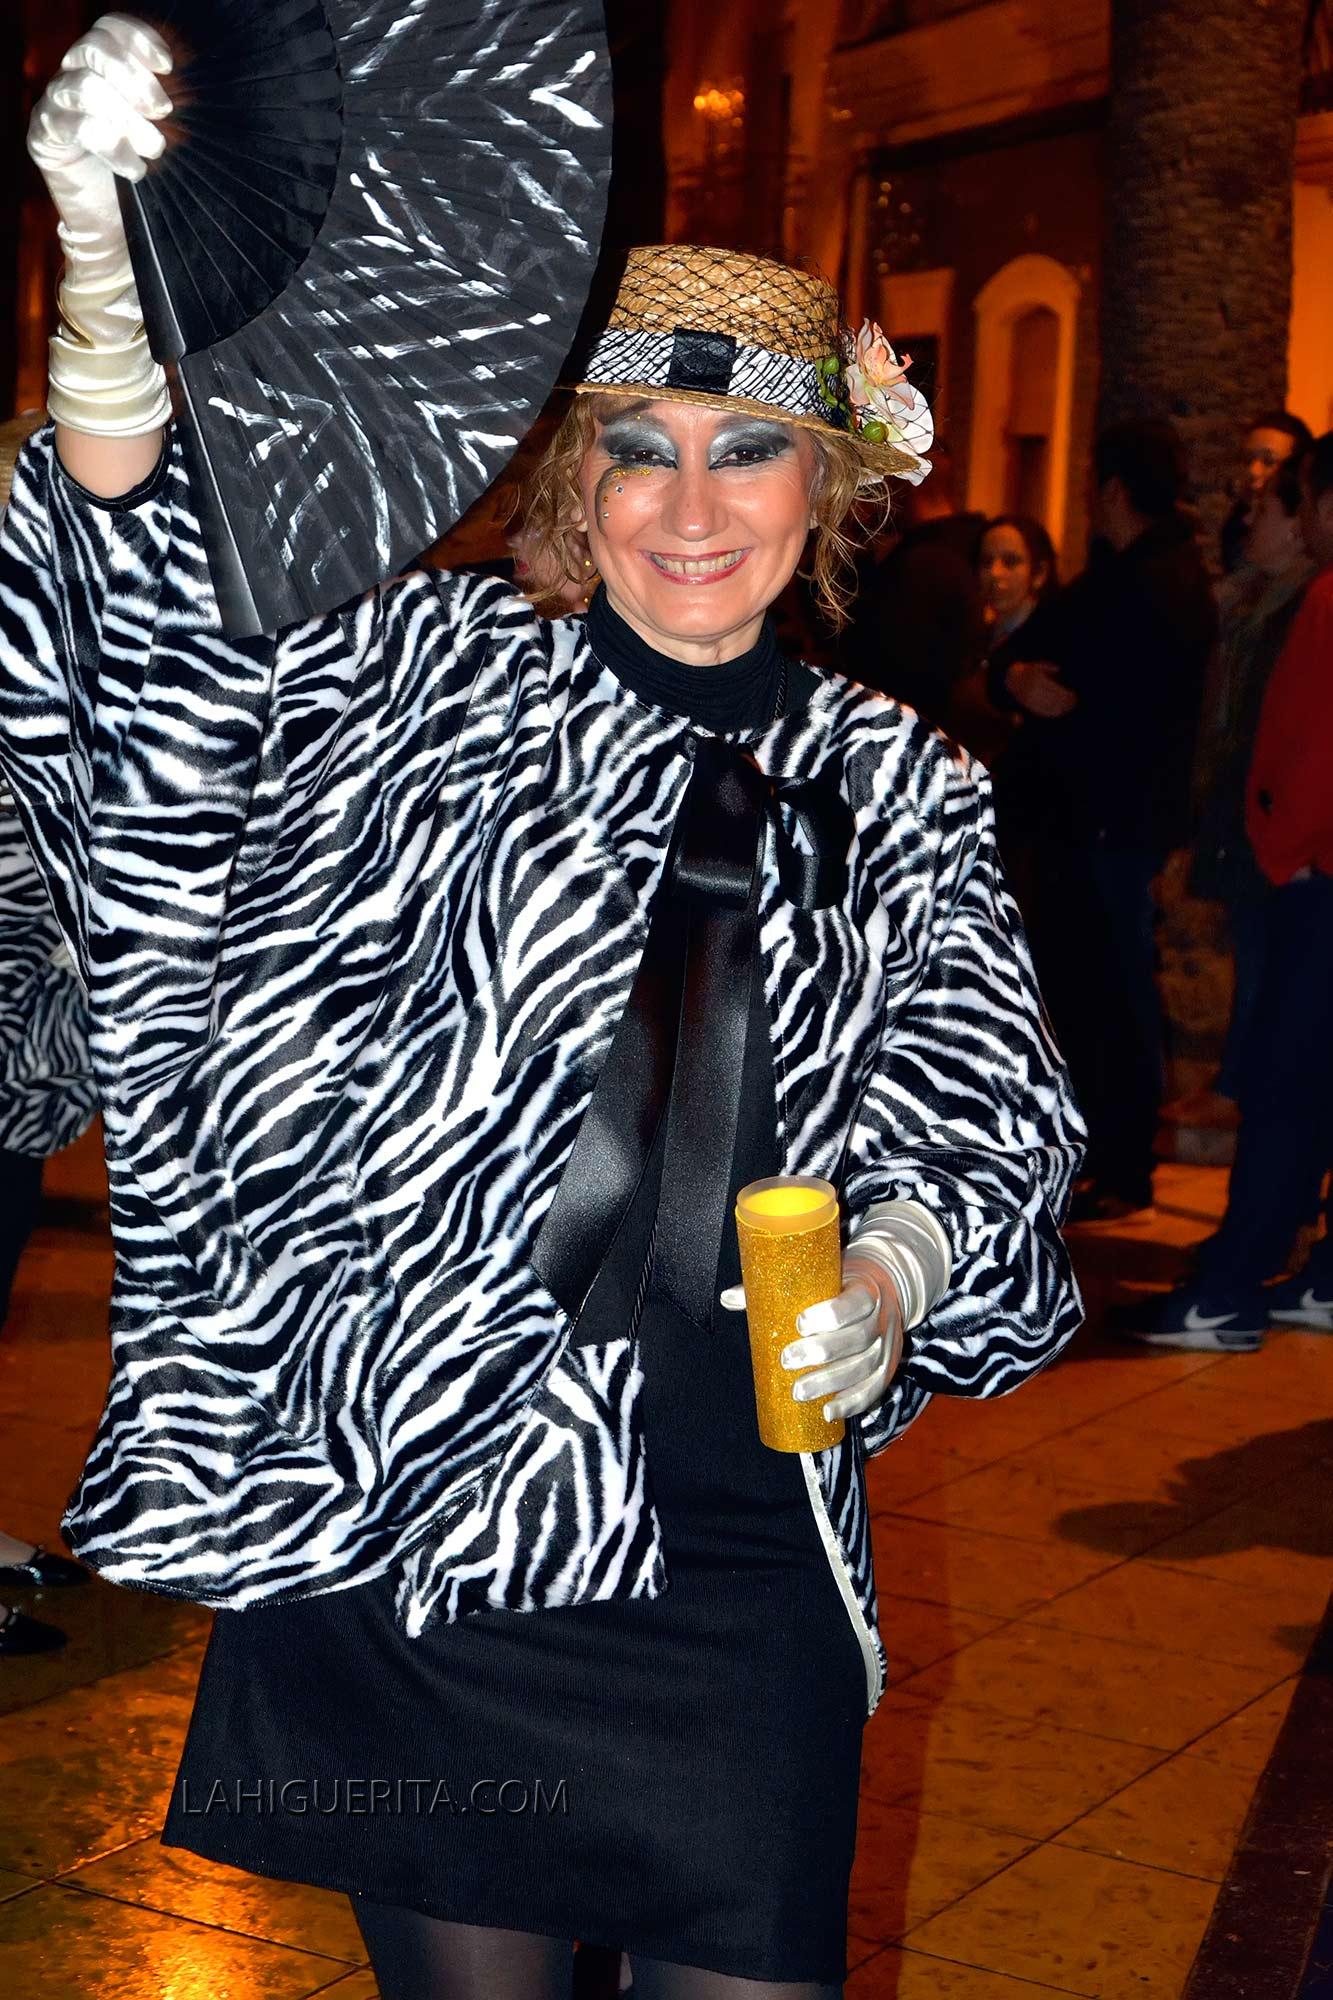 Entierro de la sardina carnaval isla cristina _DSC2221